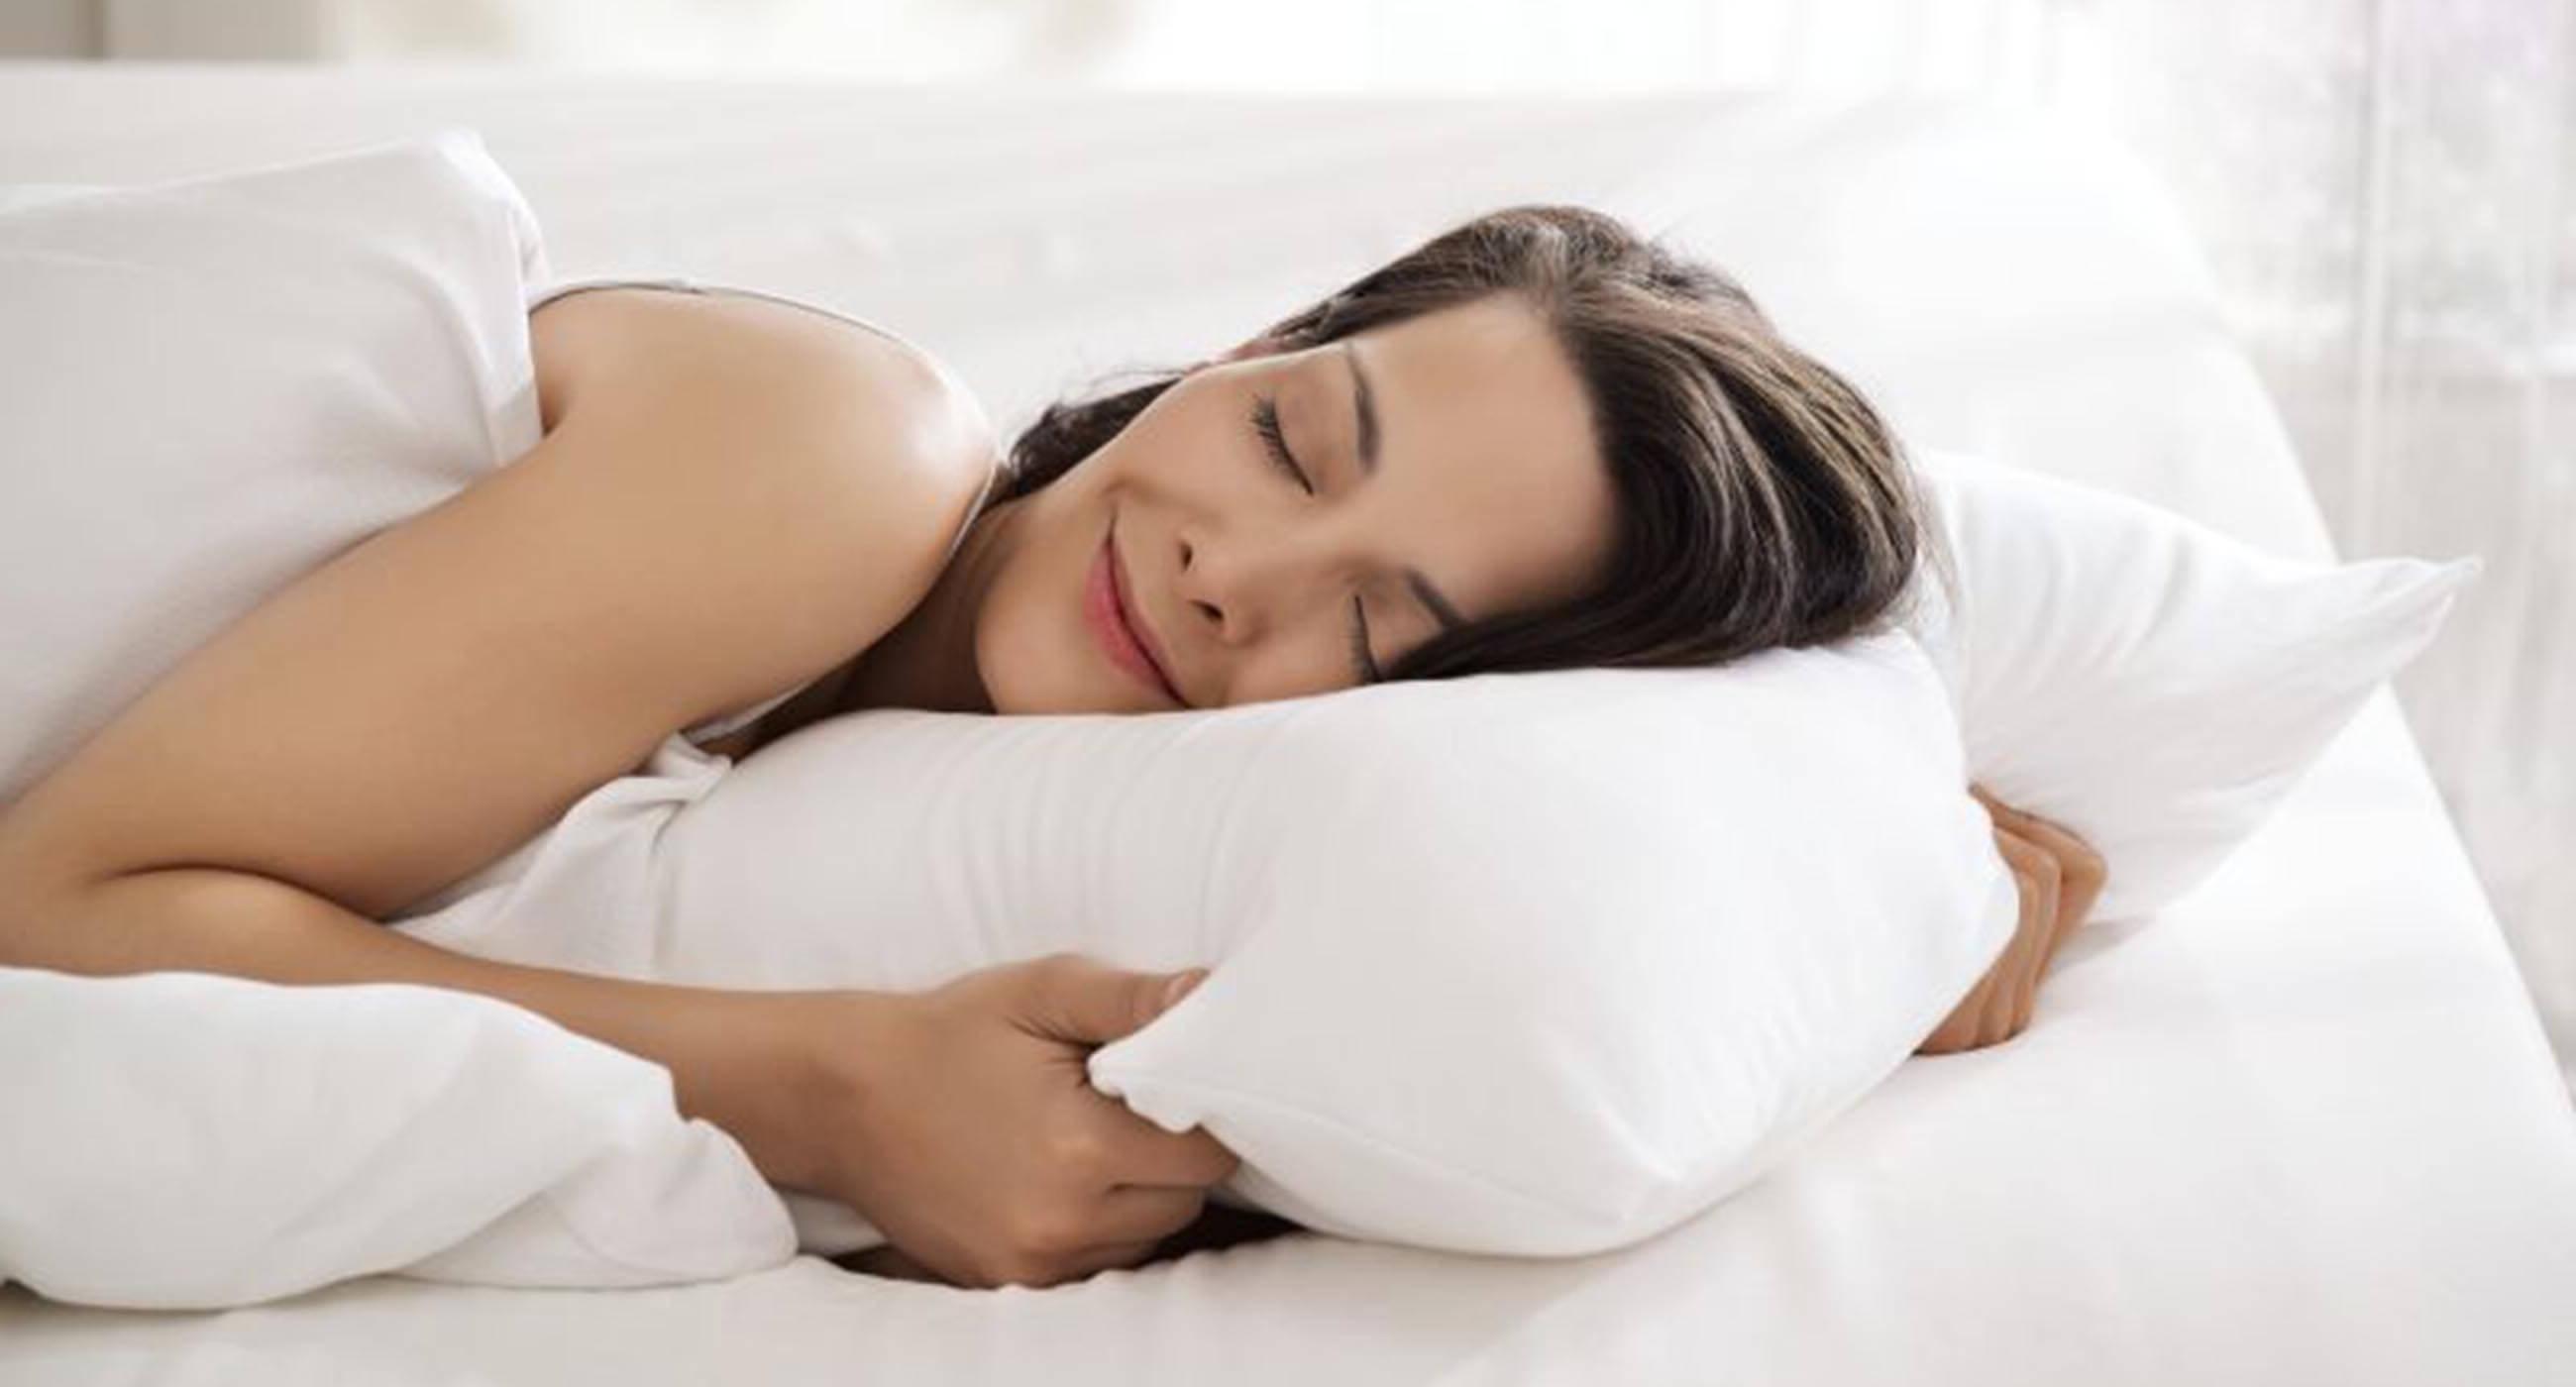 как спать при шейном остеохондрозе и как выбирать матрас и подушку